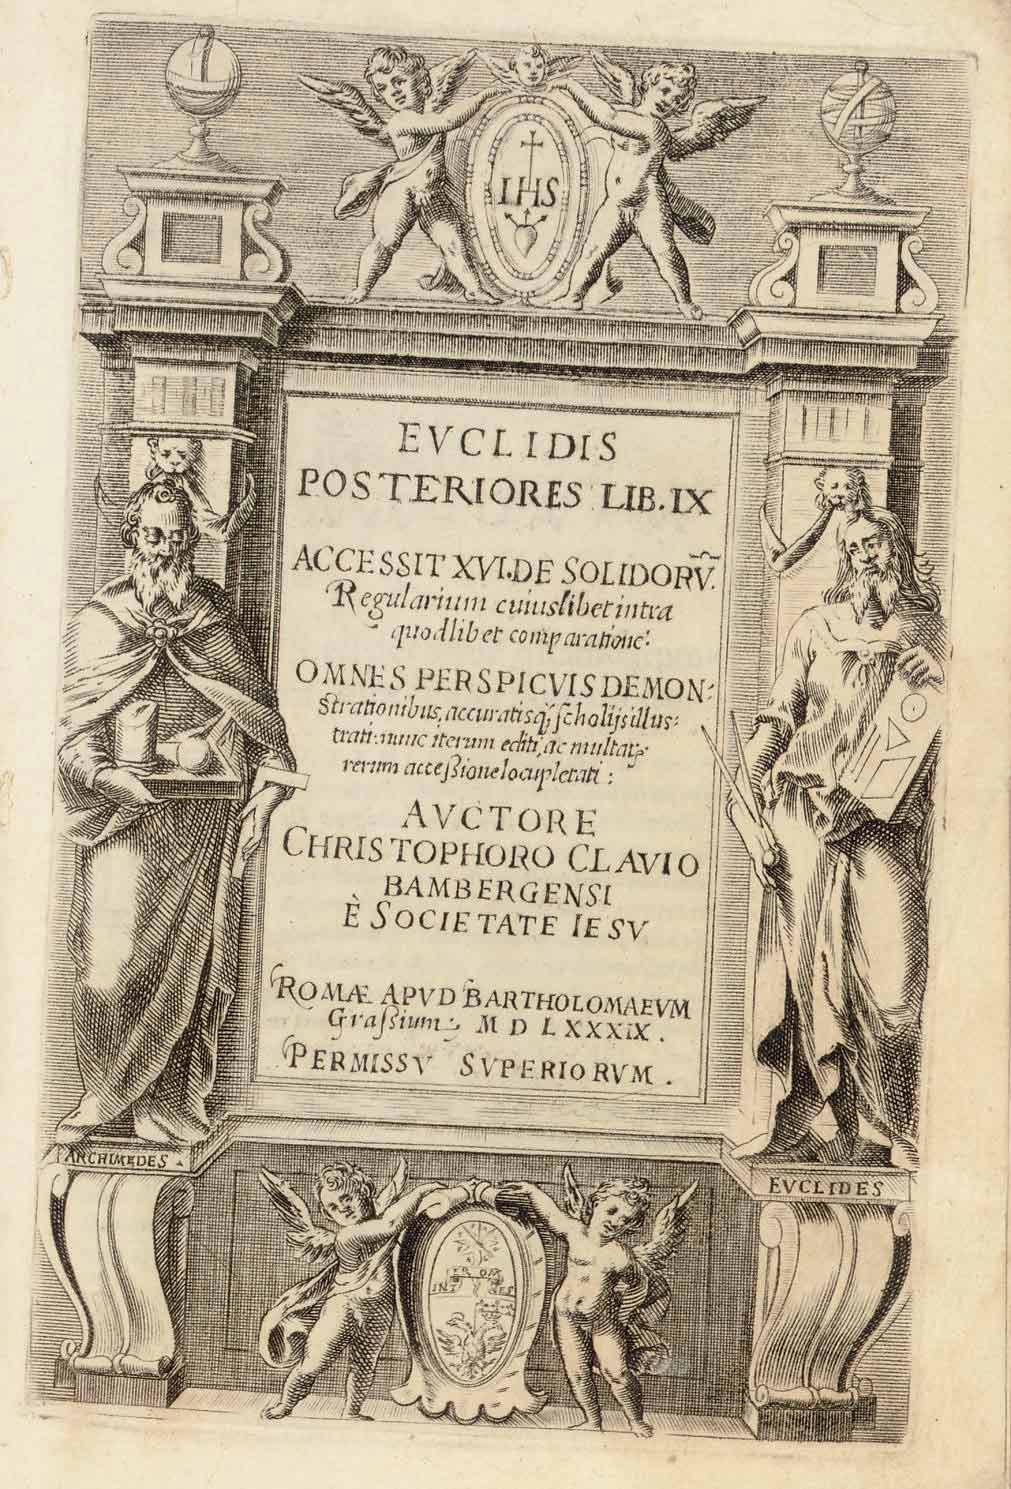 EUCLID (fl. 300 BC). [Elementa - Elements]. Euclidis posteriores Lib. IX.  Rome: B. Grassi, 1589.